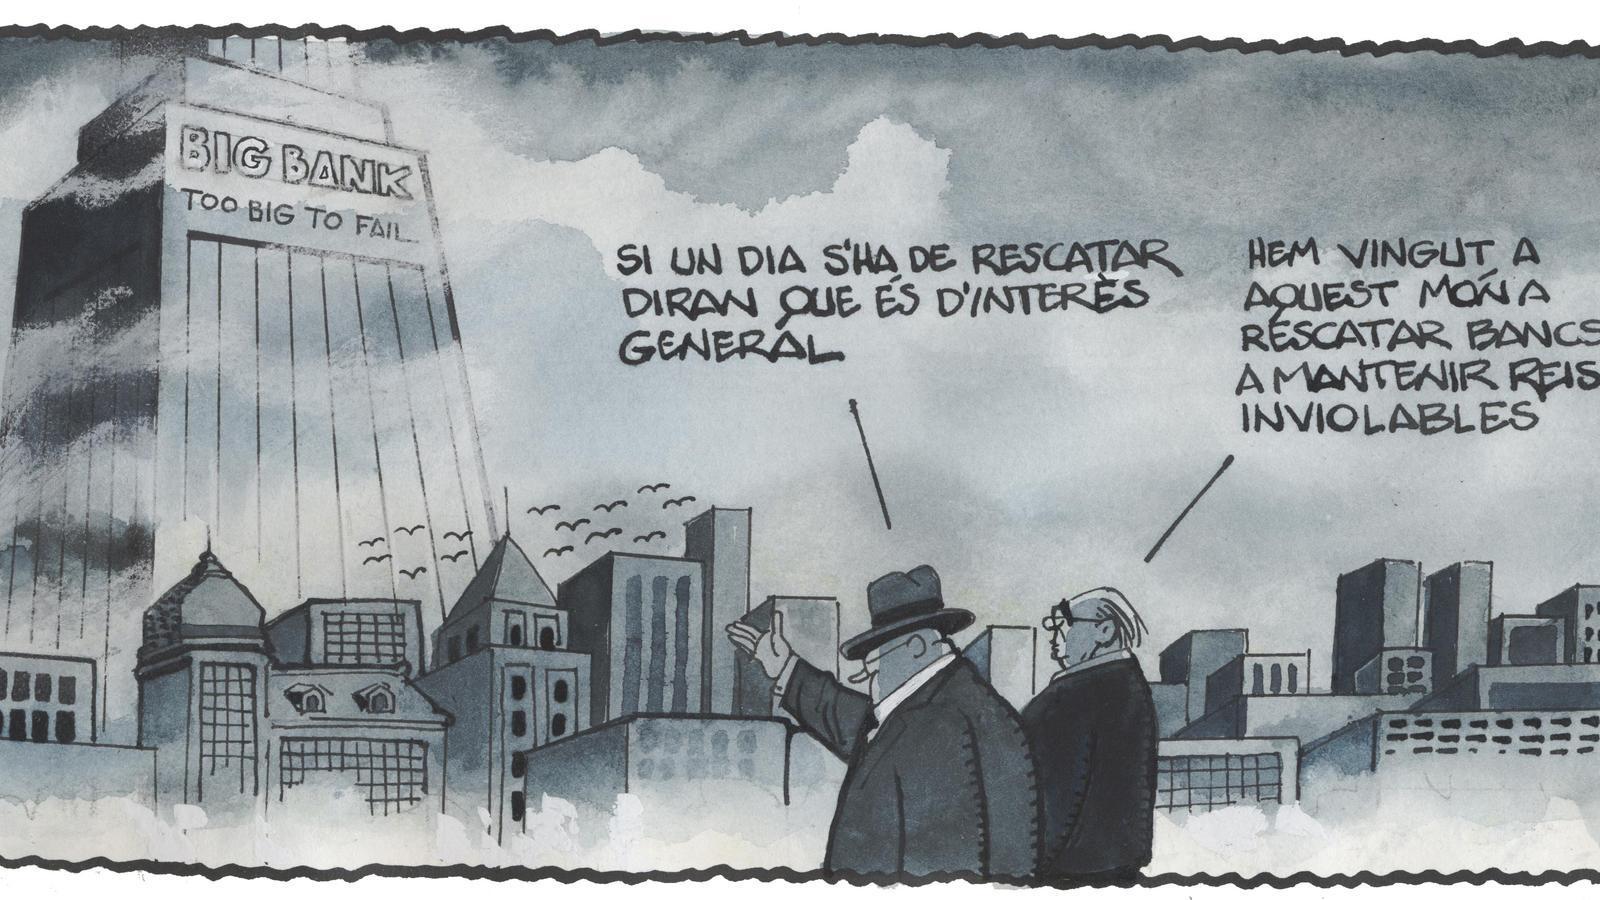 'A la contra', per Ferreres 10/09/2020